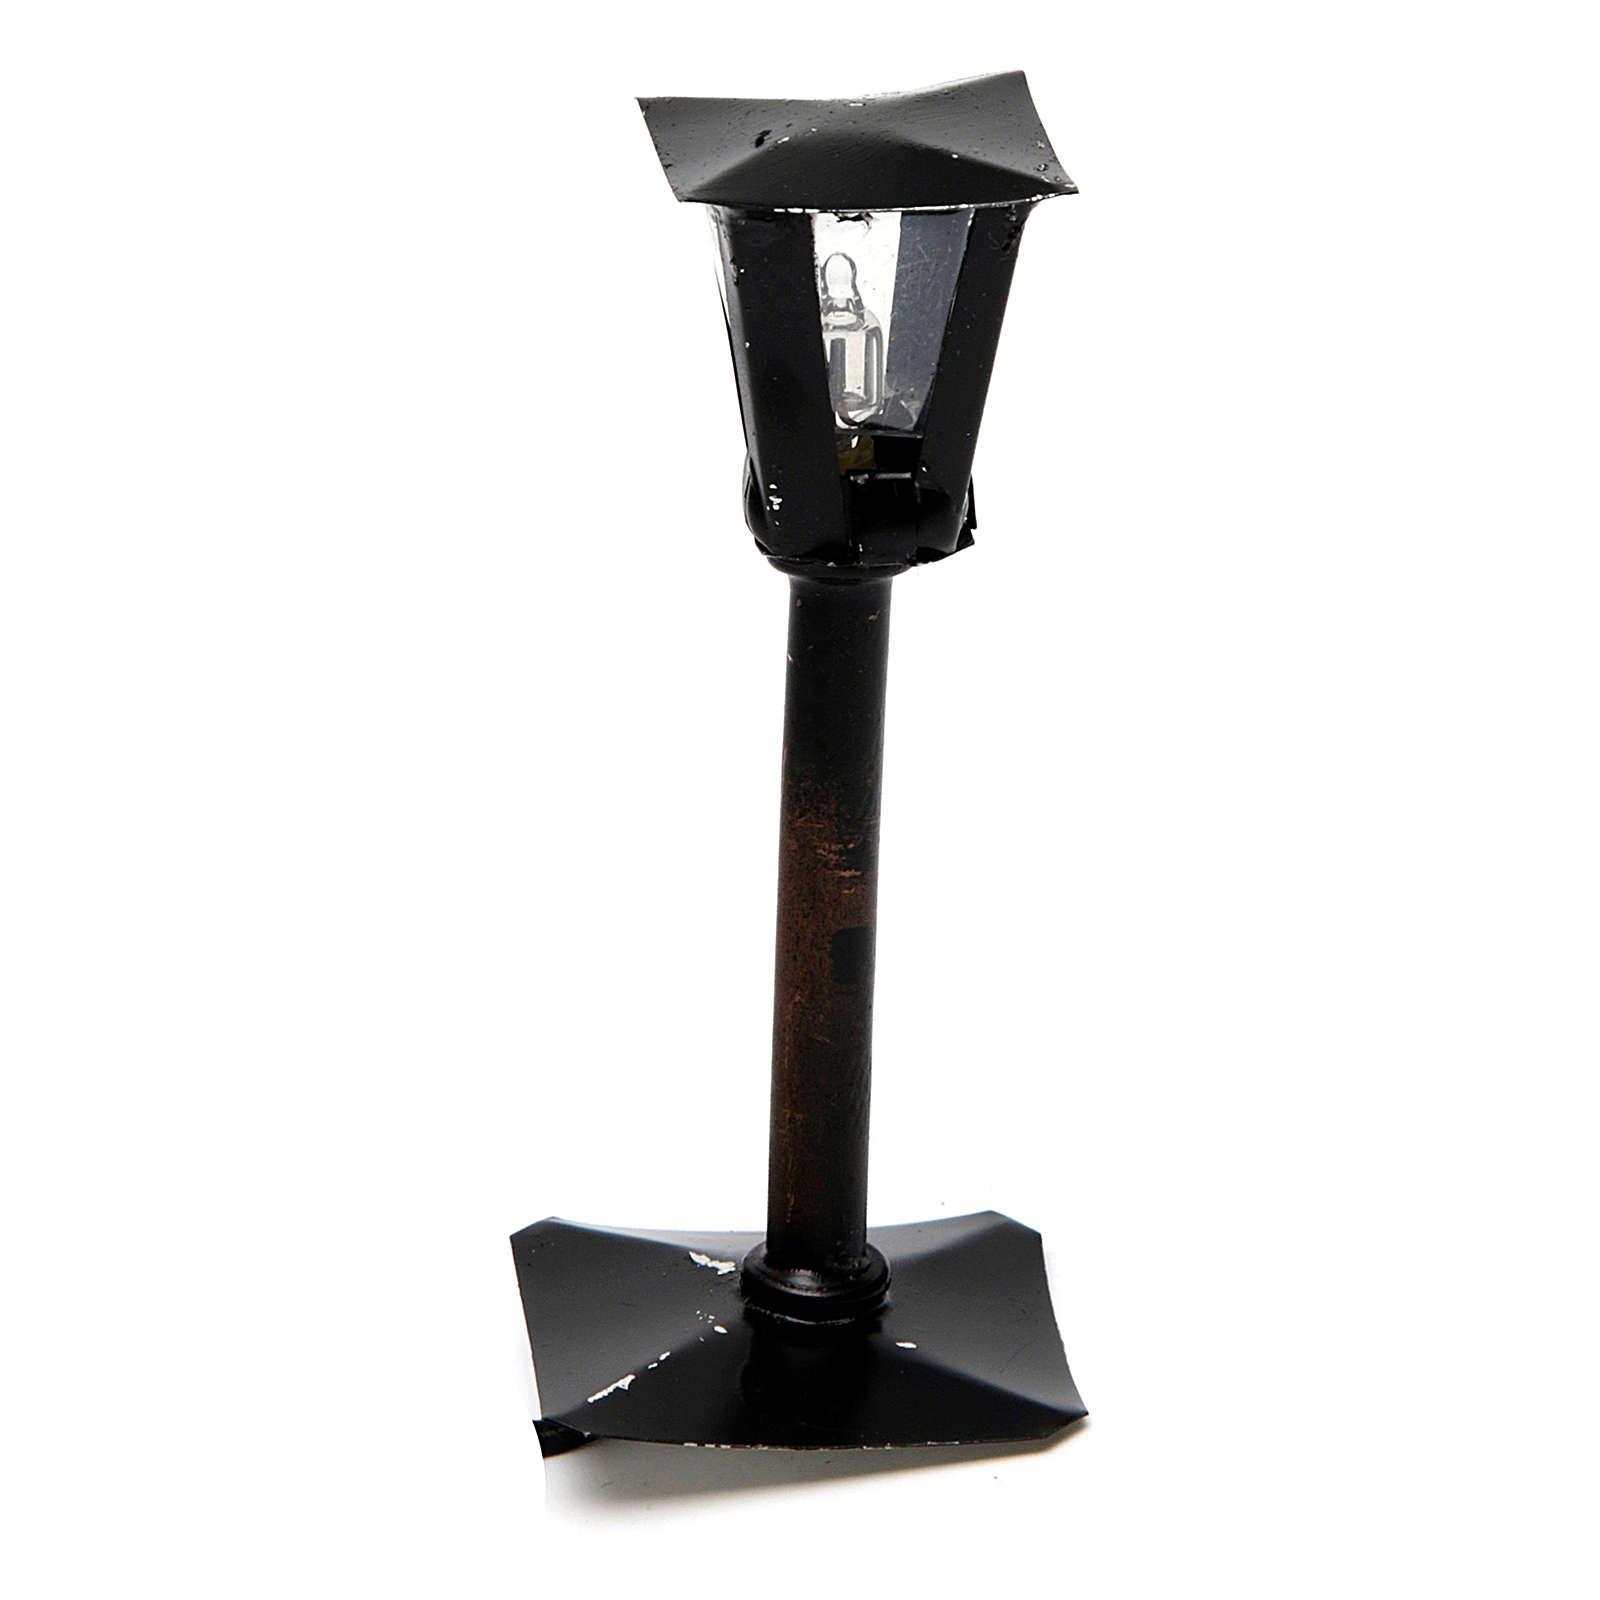 Lampião de rua com lanterna bricolagem presépio 8 cm - 12V 4